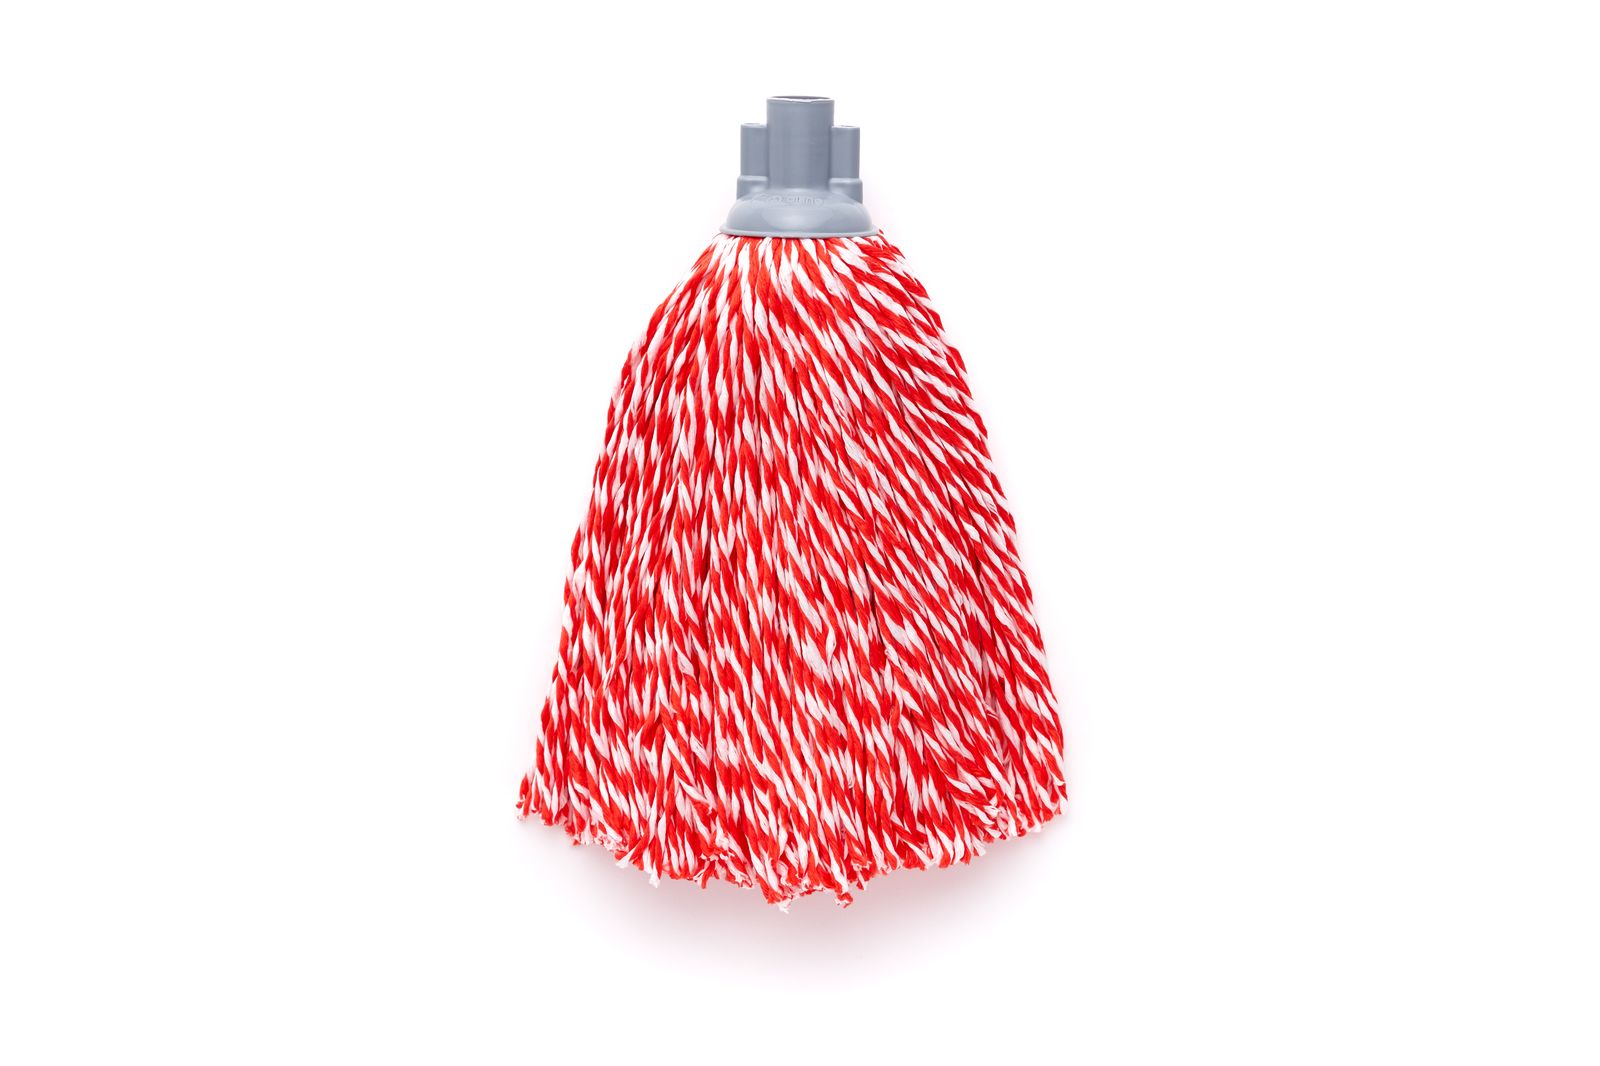 Насадка для швабры с резьбой верёвочная микрофибра красный/белый 150г по цене 358